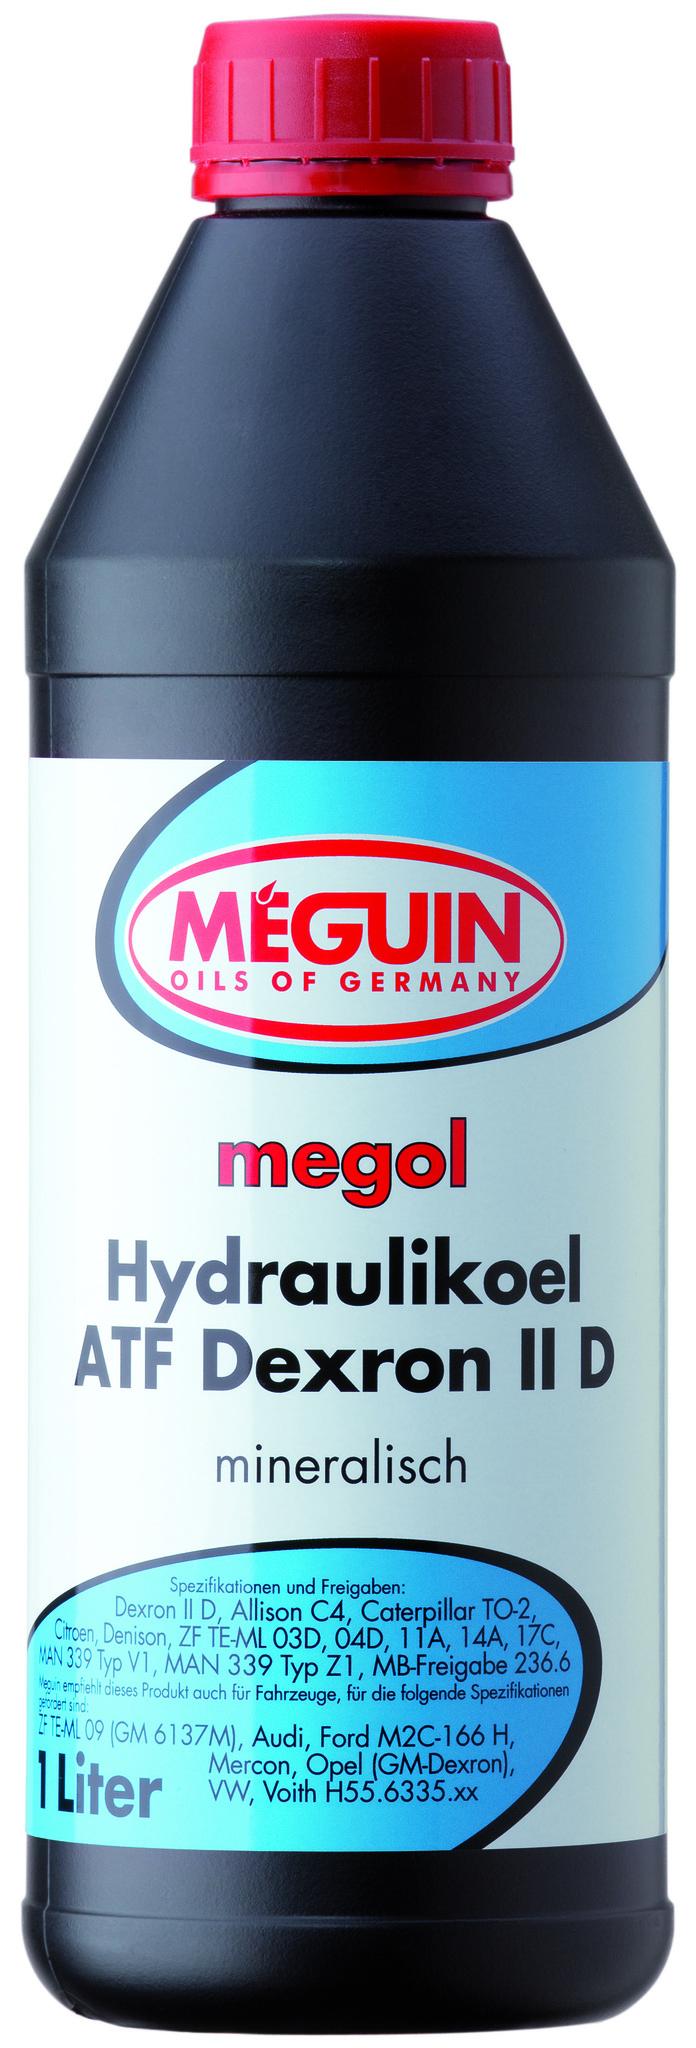 Meguin Megol Hydraulikoel ATF Dexron IID Минеральное трансмиссионное масло для АКПП